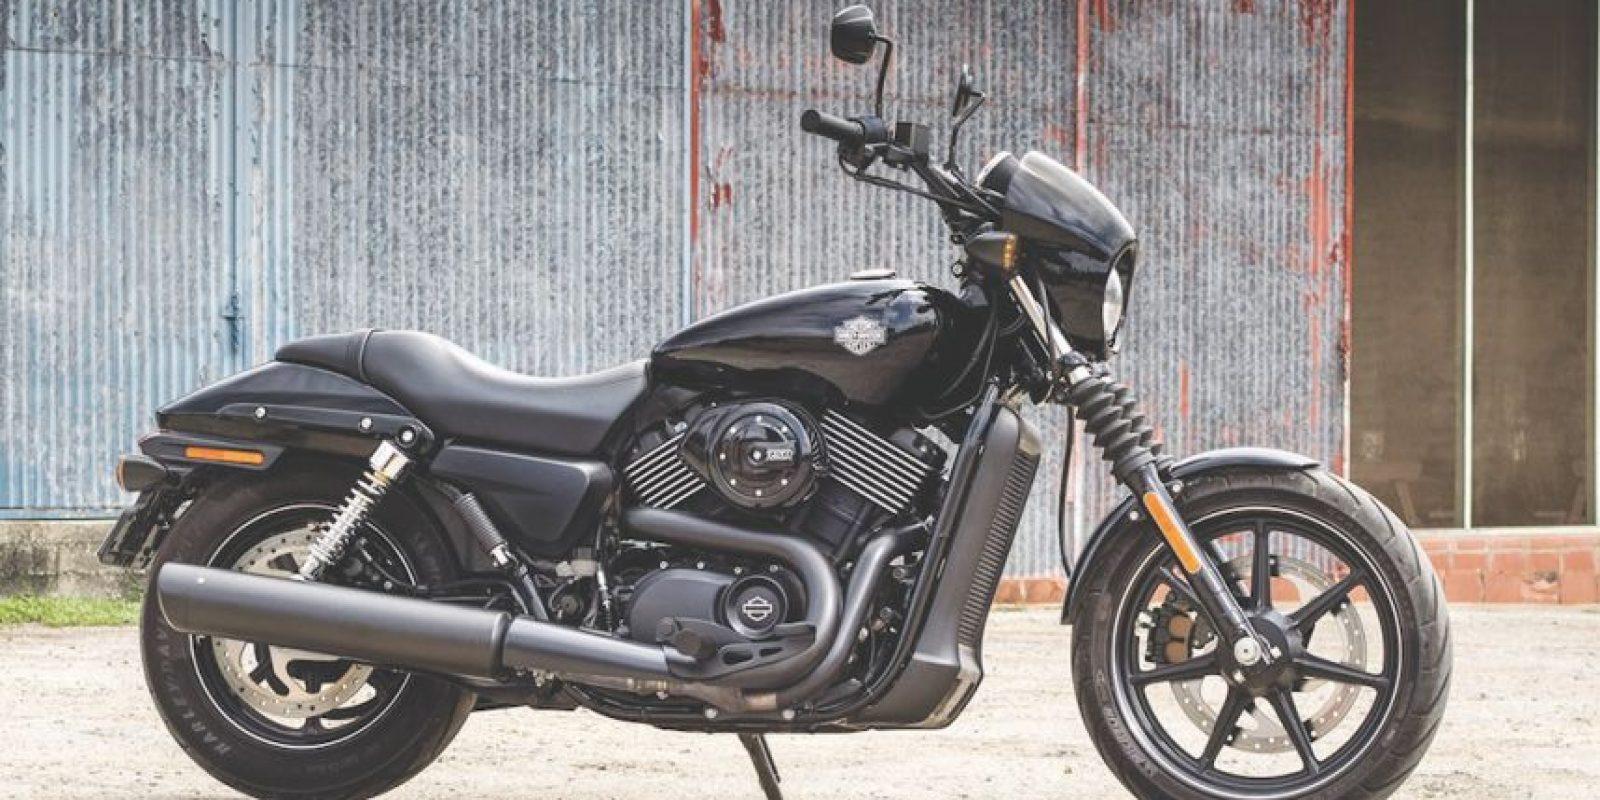 Parece sencillo el subirse a una moto, sin embargo, hay aspectos de seguridadque debes conocer antes de lanzarte a rodar. Foto:Harley-Davidson